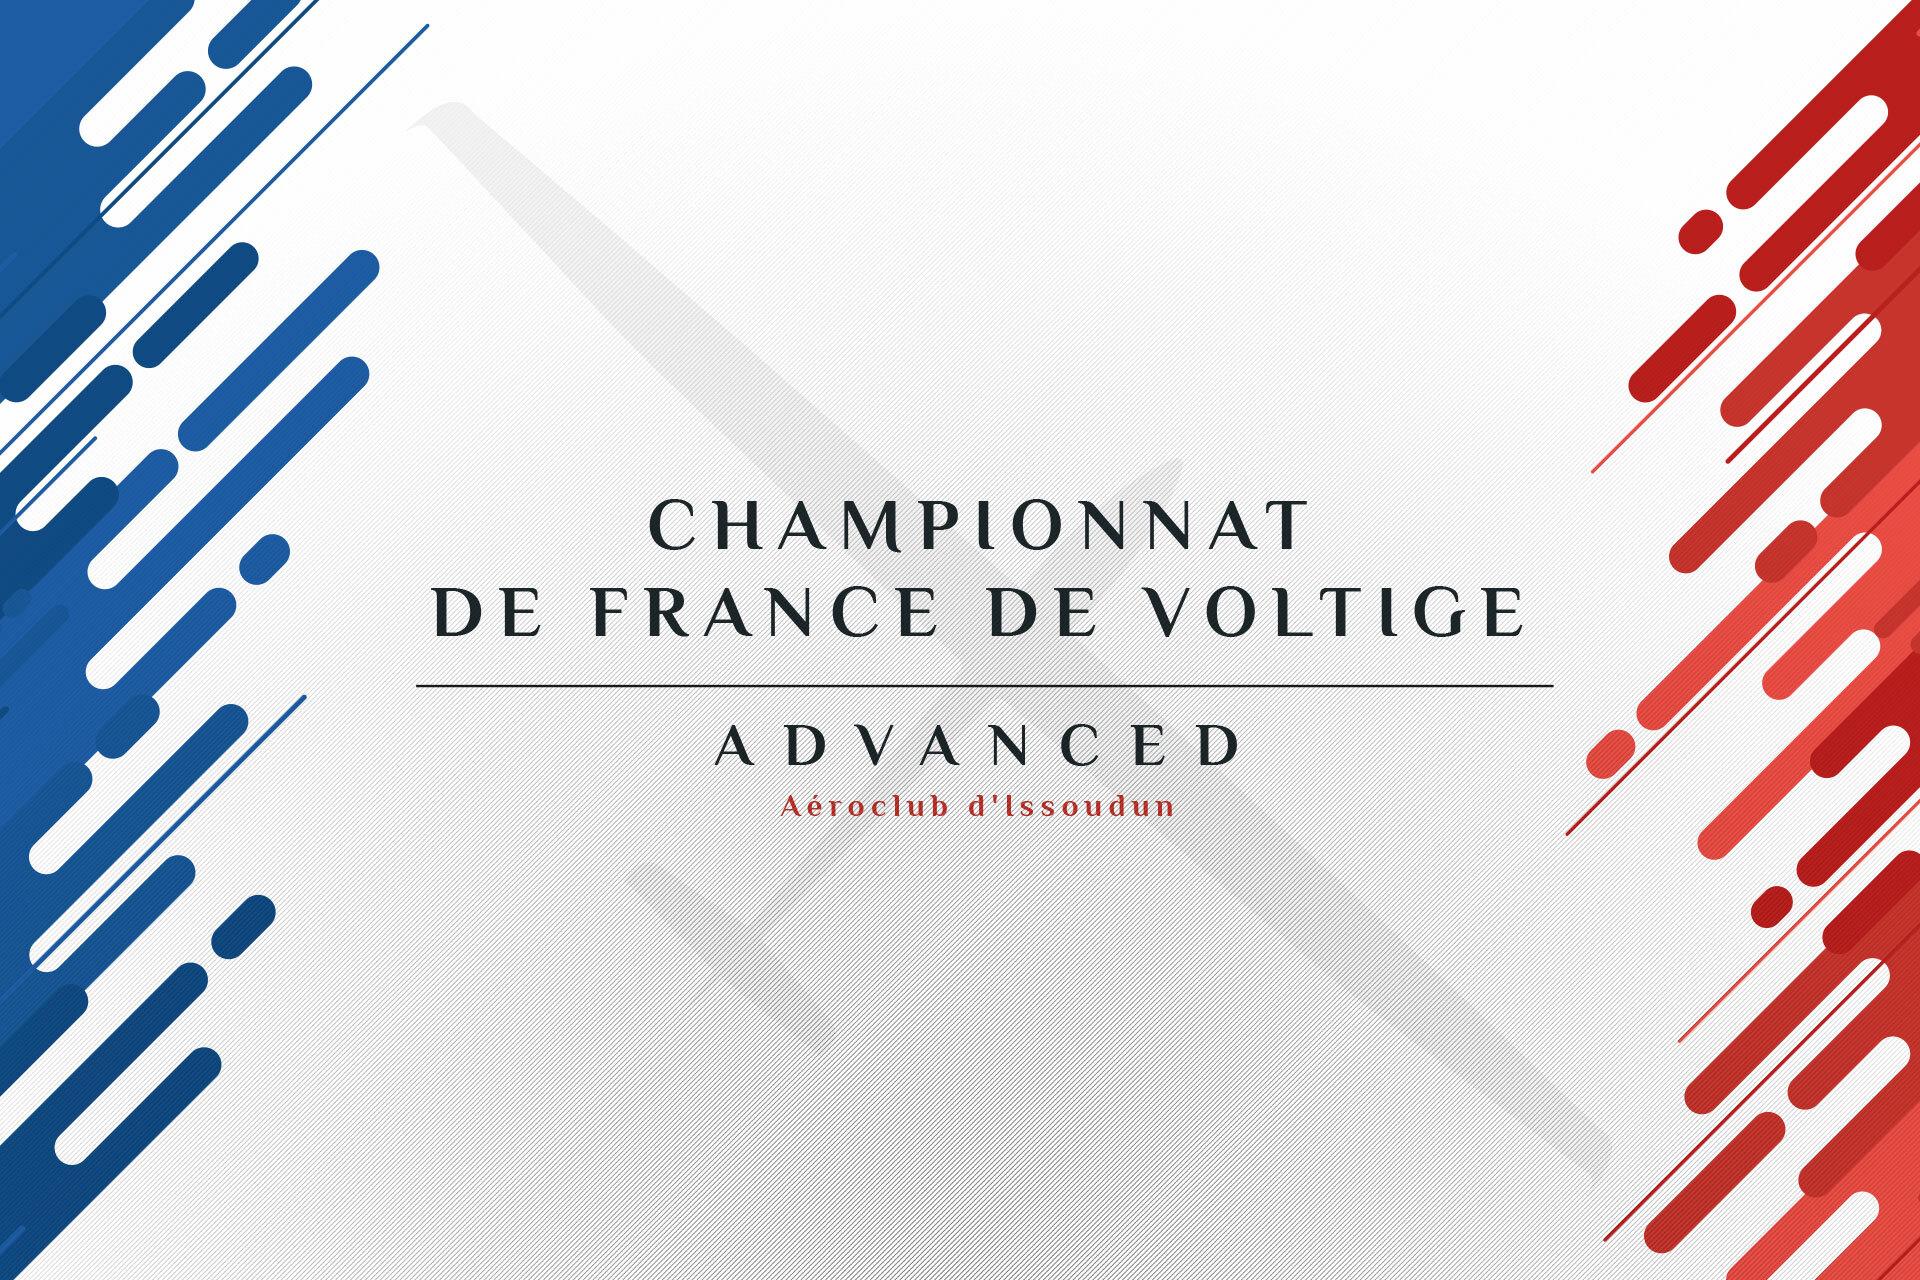 Championnat de France – Voltige